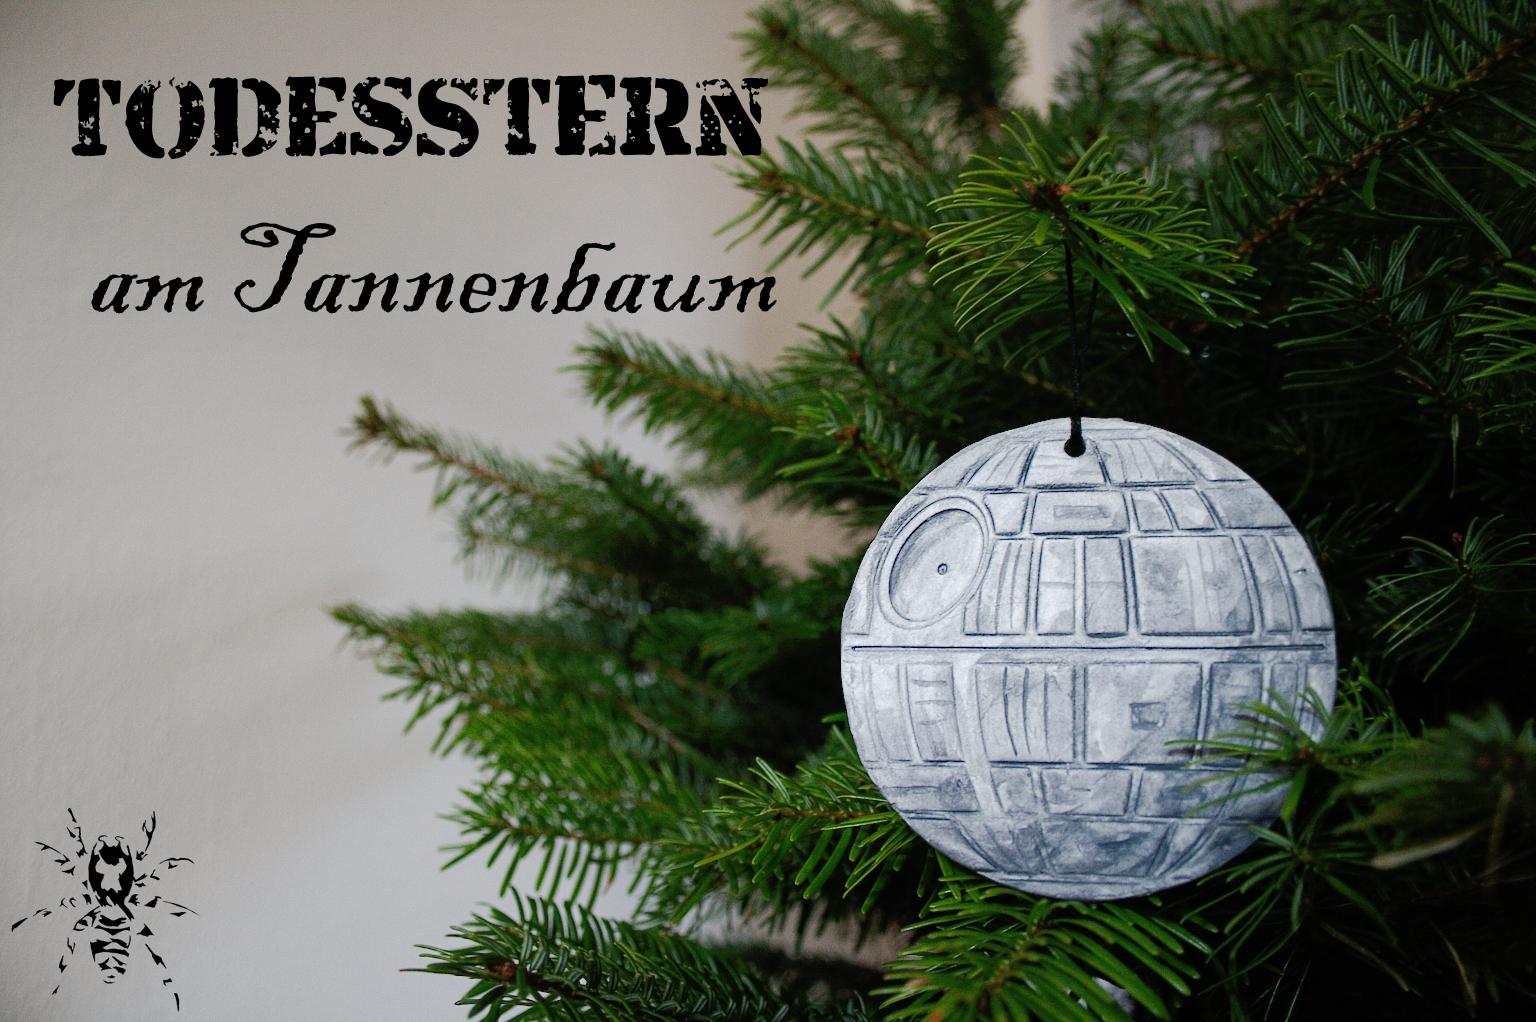 Todesstern am tannenbaum zebraspider diy anti fashion punk n hen siebdruck blog - Star wars weihnachtsbaum ...